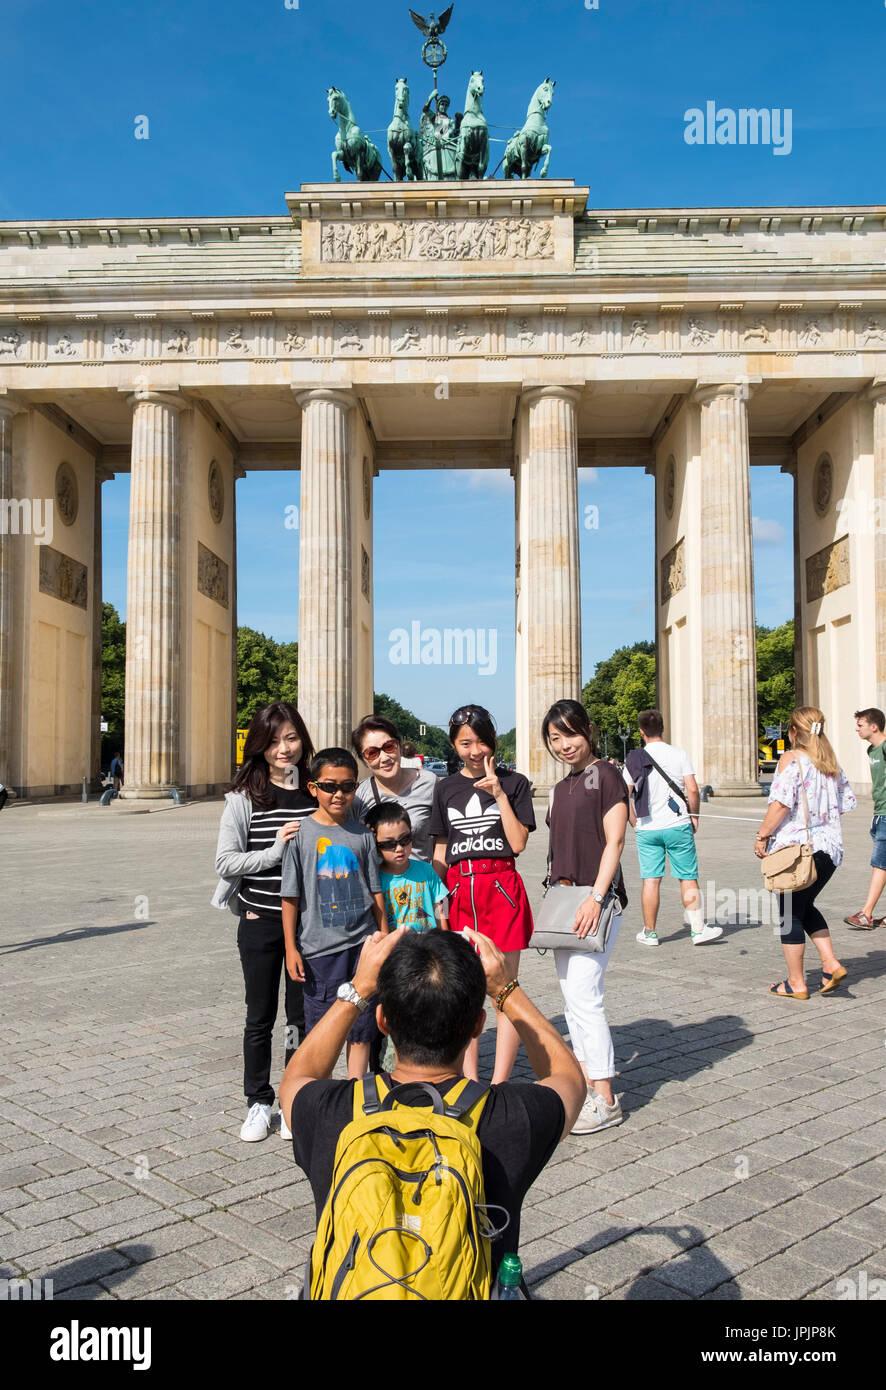 Asiatische Reisegruppe Entsendung für Foto vor dem Brandenburger Tor in Mitte Berlins Deutschland Stockfoto